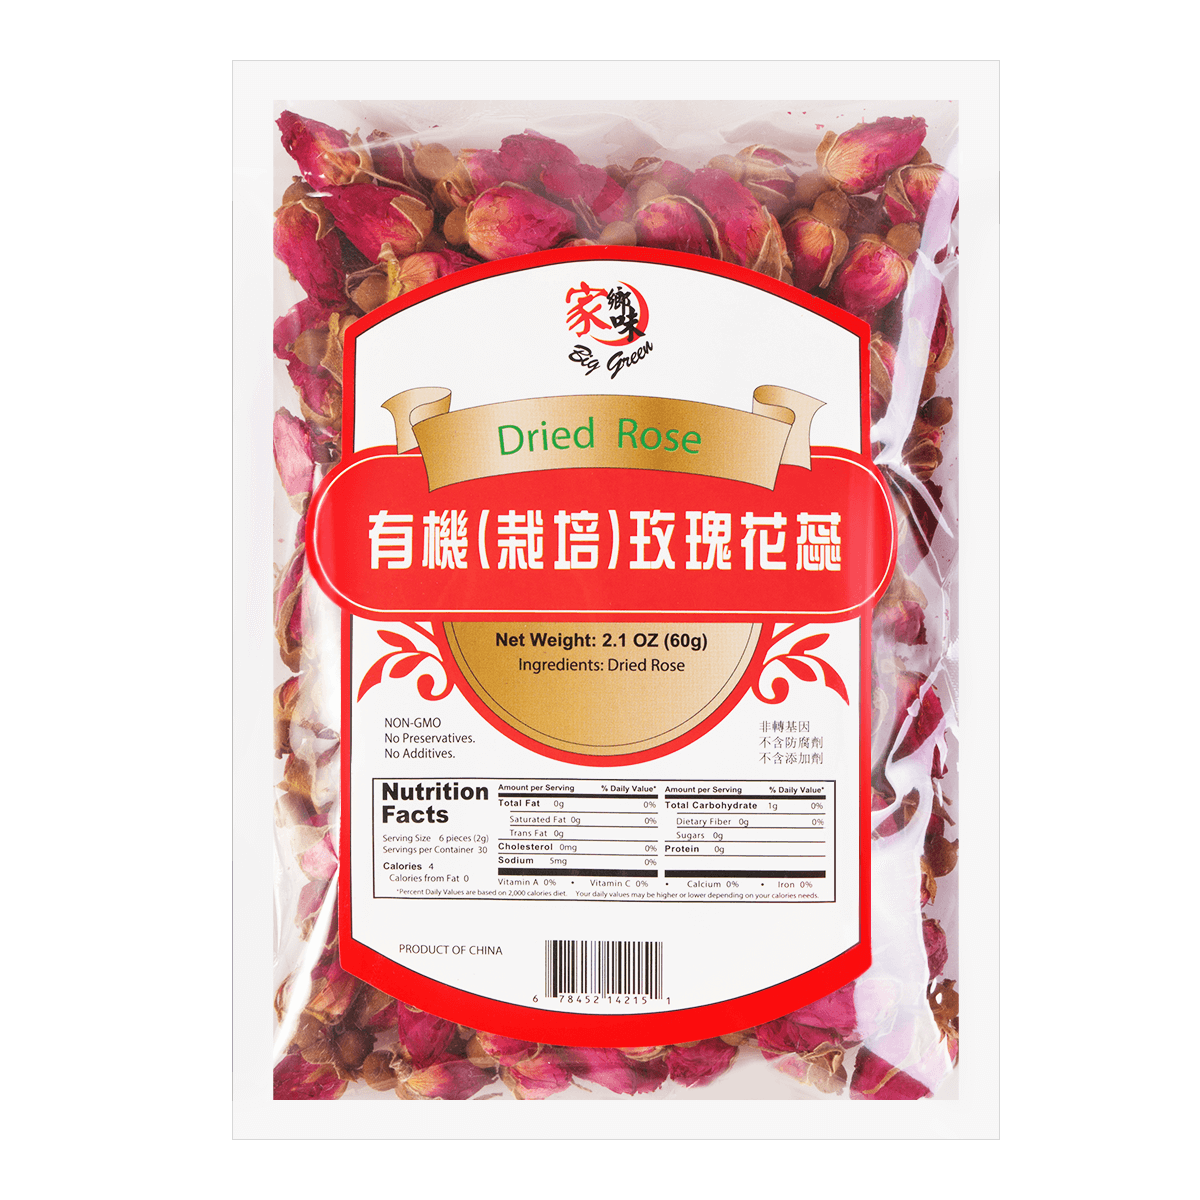 家乡味 有机栽培玫瑰花蕊 60g USDA认证